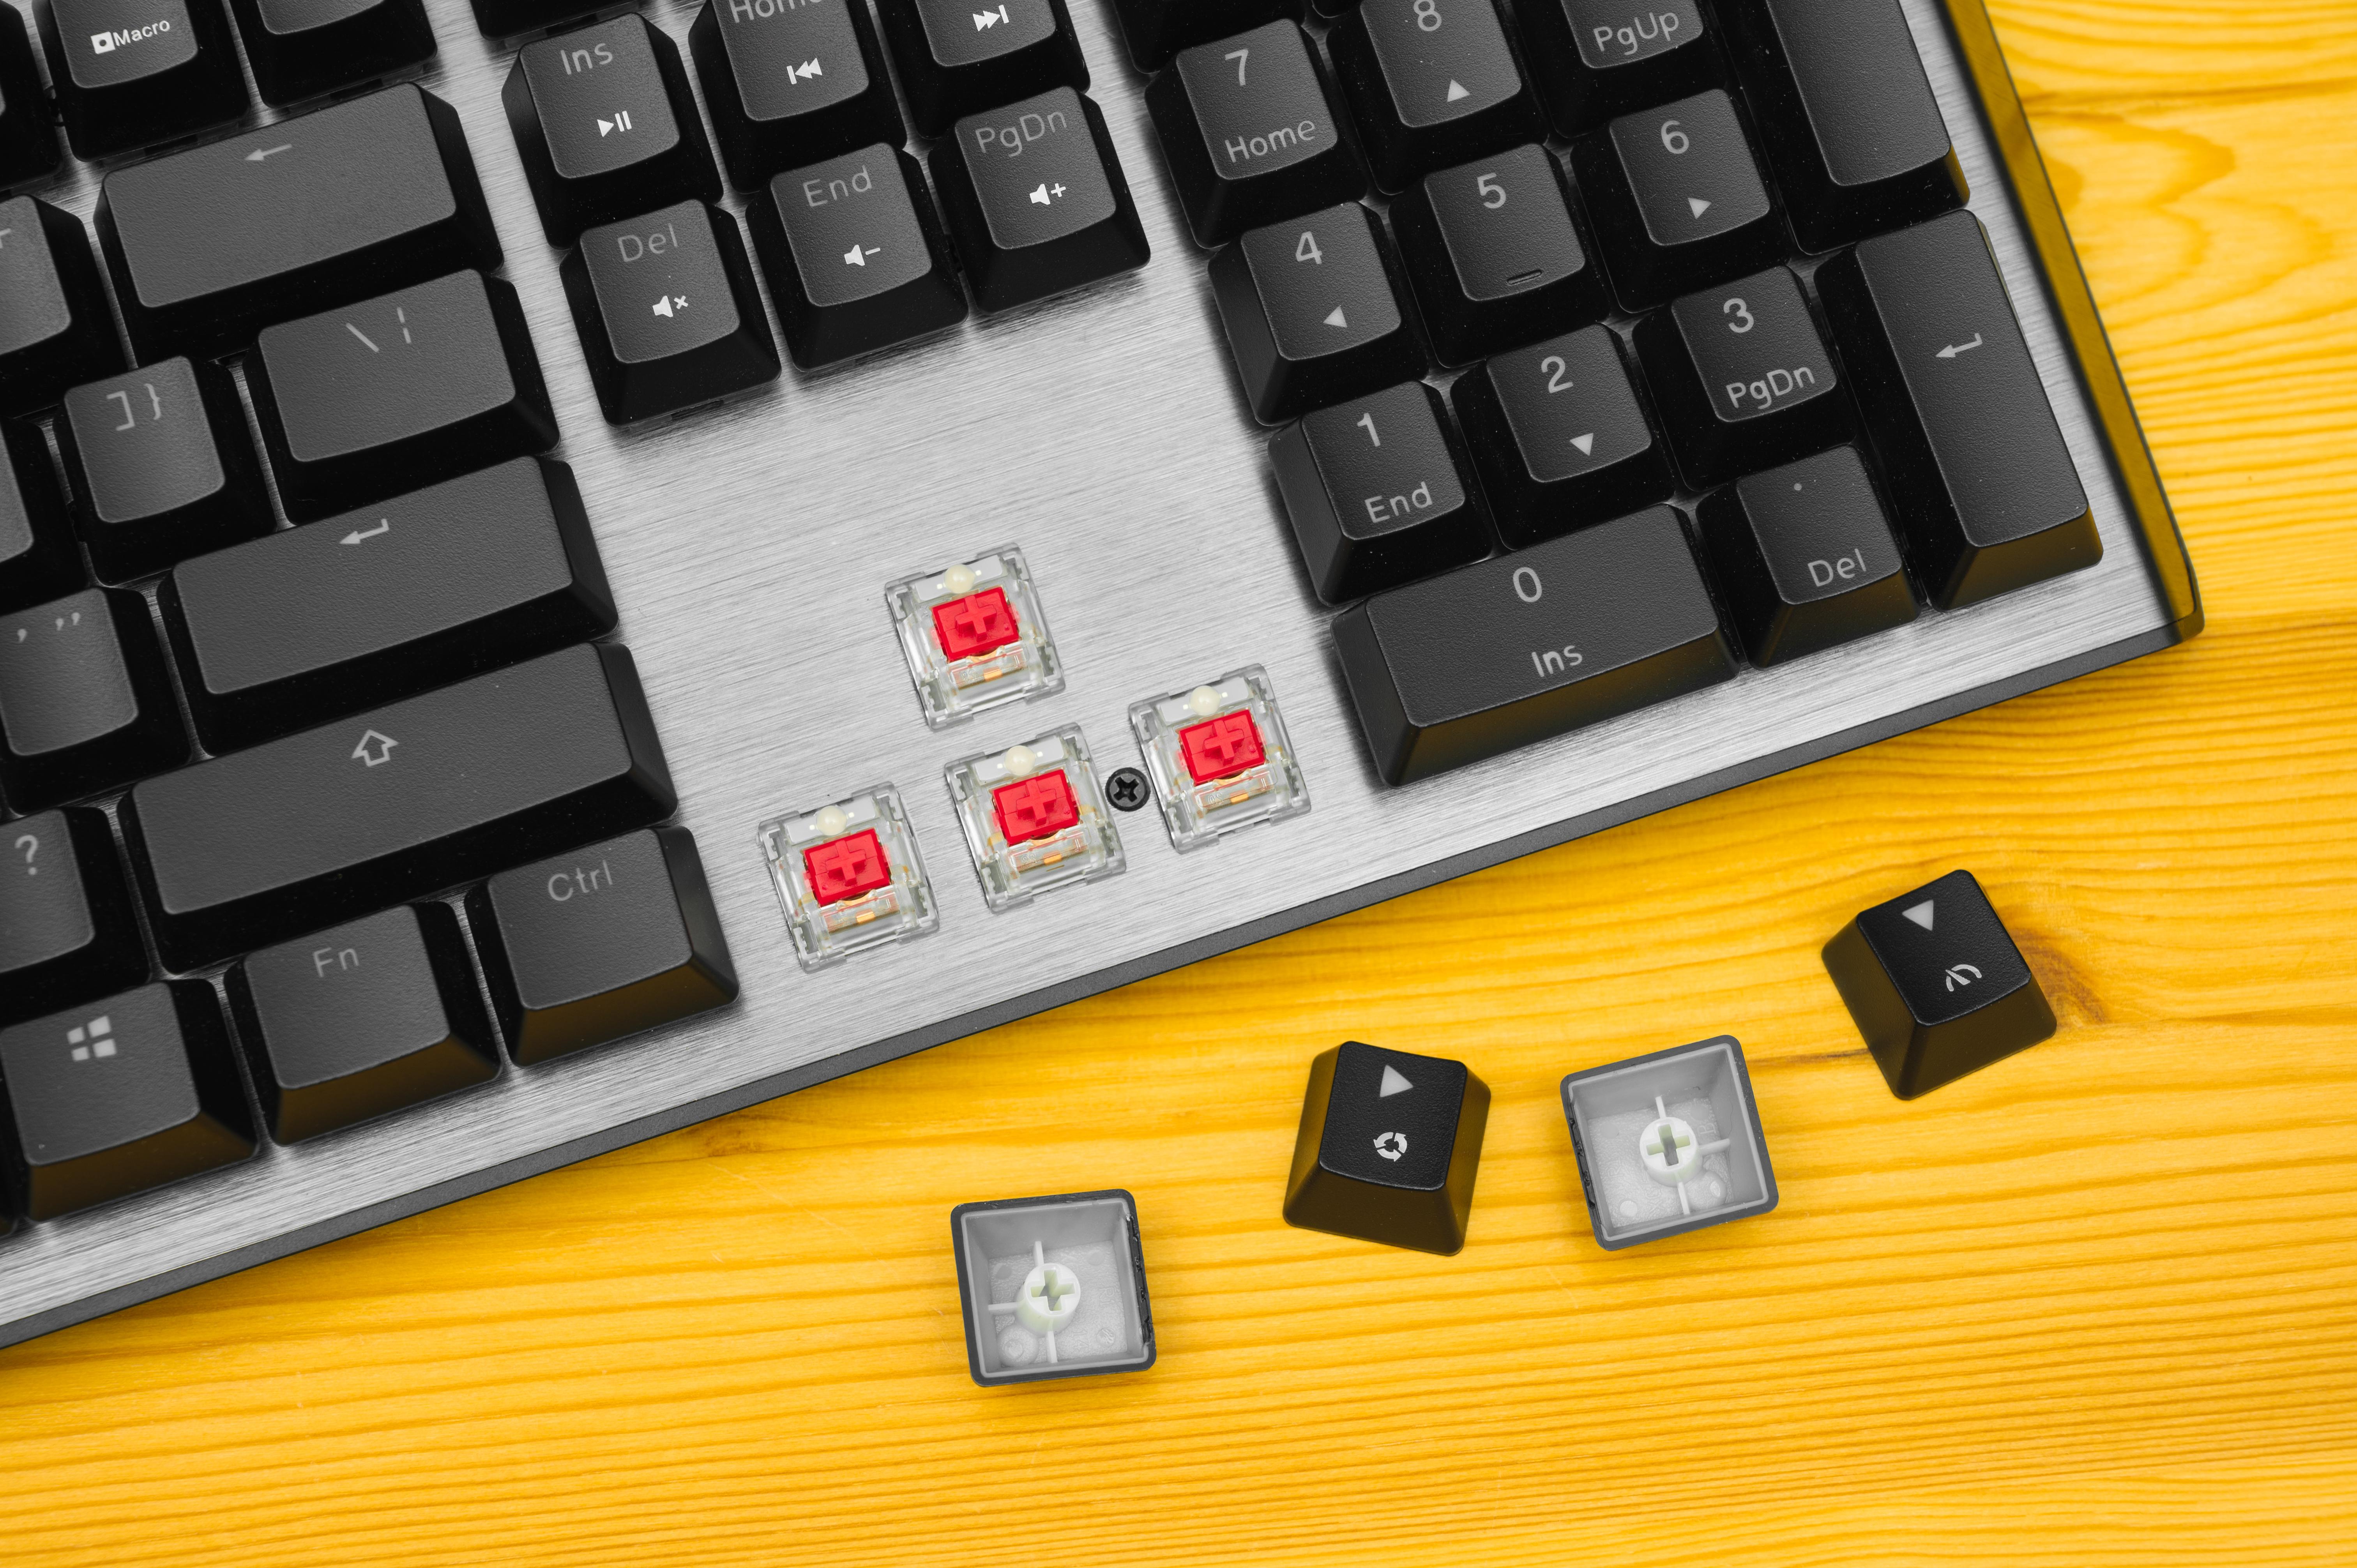 Beeld van de Cooler Master CK550 V2, met daarop de mechanische schakelaars van de pijltjestoetsen ontdaan van hun keycaps.